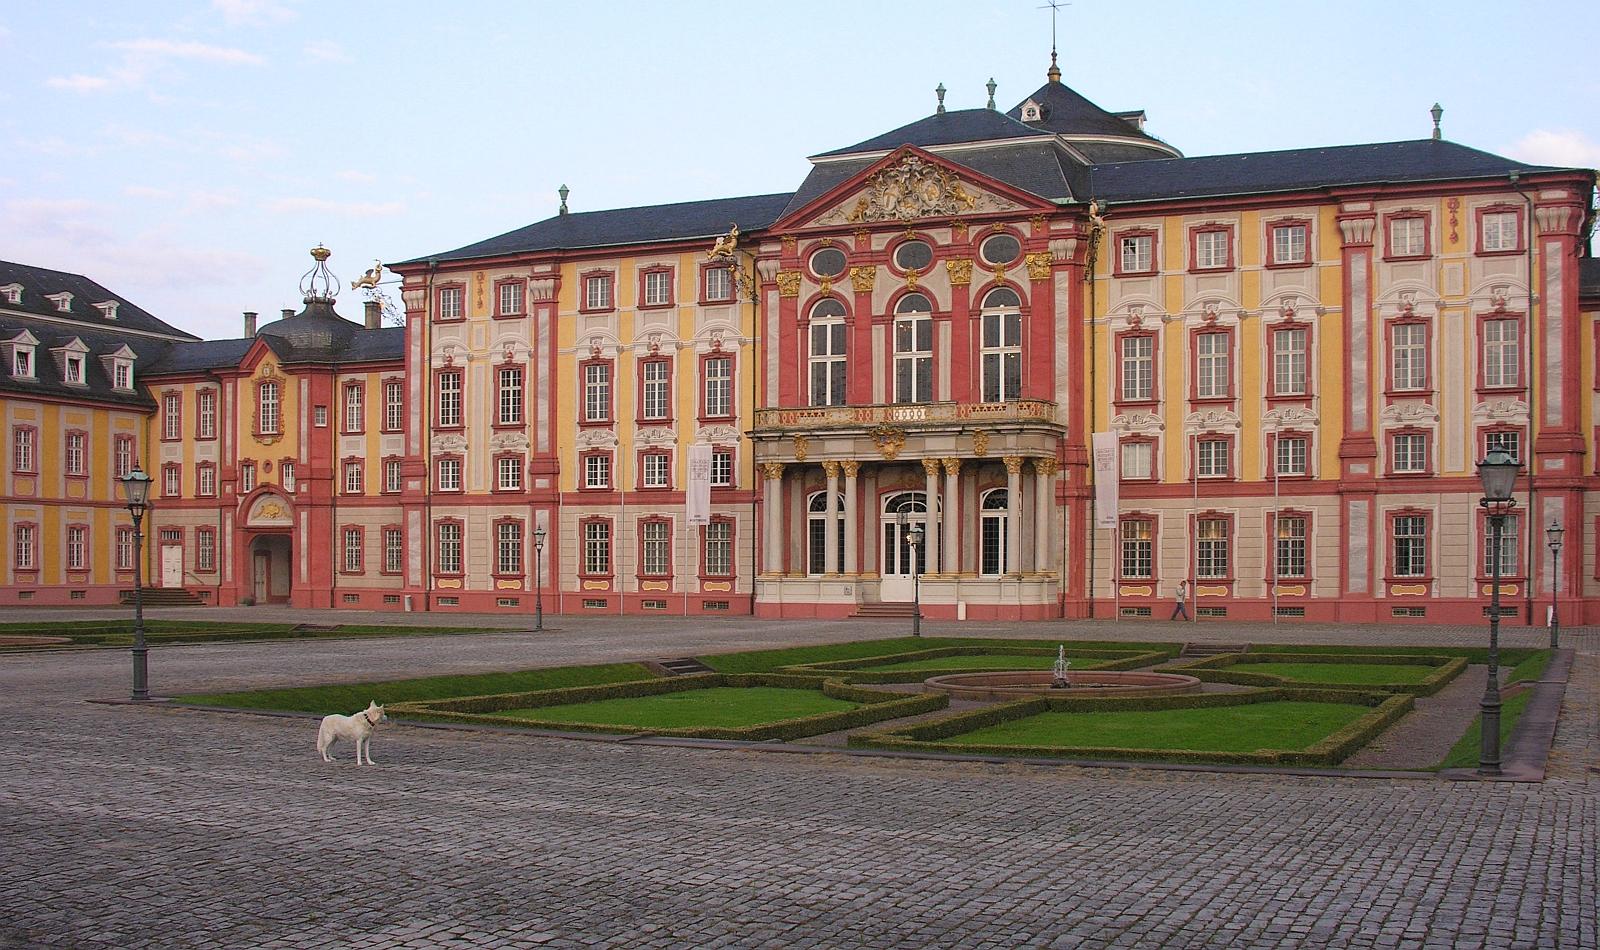 Datei:Bruchsal Bruchsaler Schloss Vorderseite Haupteingang